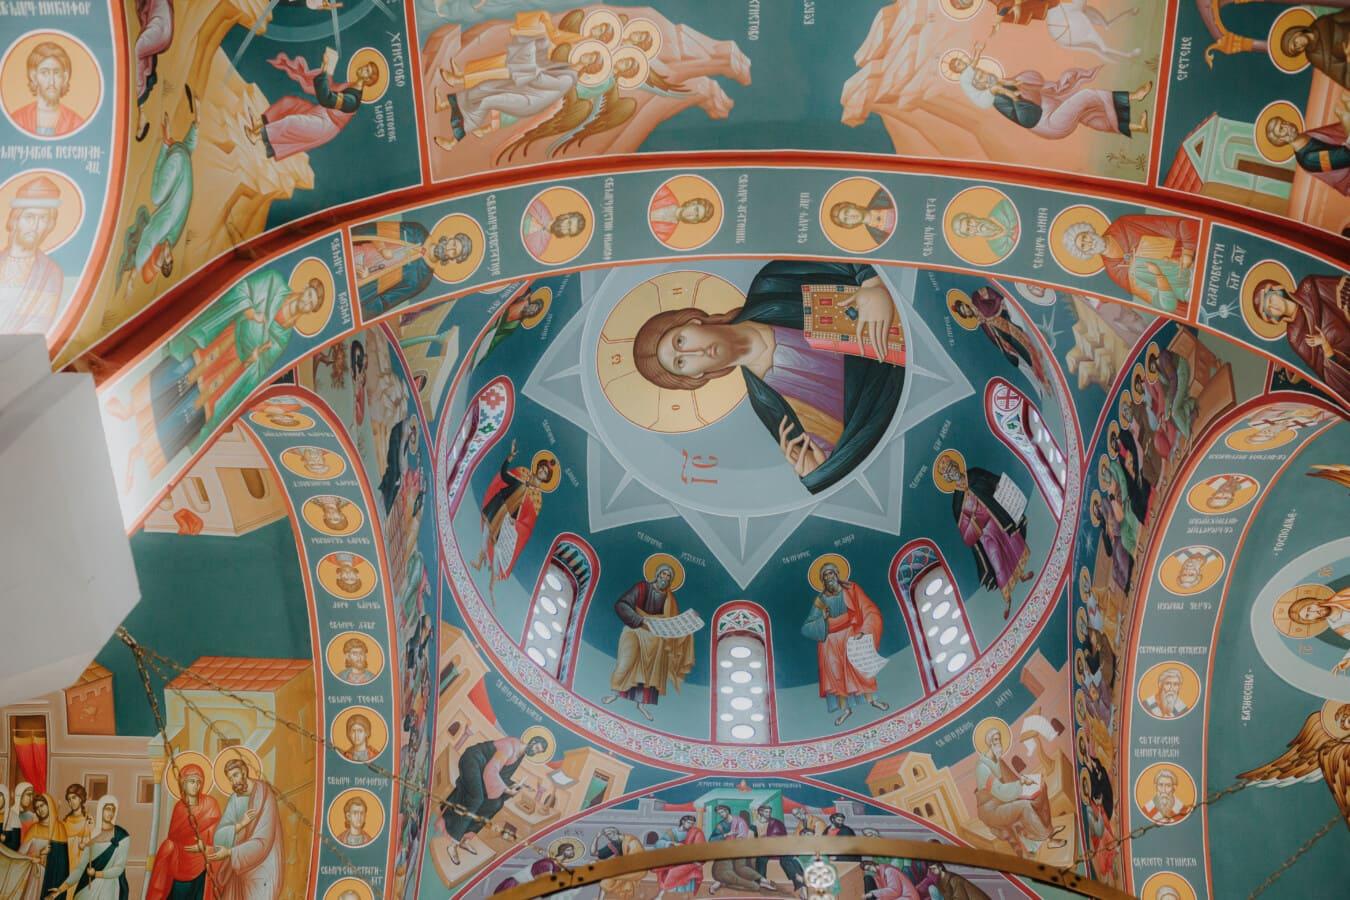 Christentum, Decke, Christus, Wandbild, Heilige, geistigkeit, Malerei, Bildende Kunst, Kunst